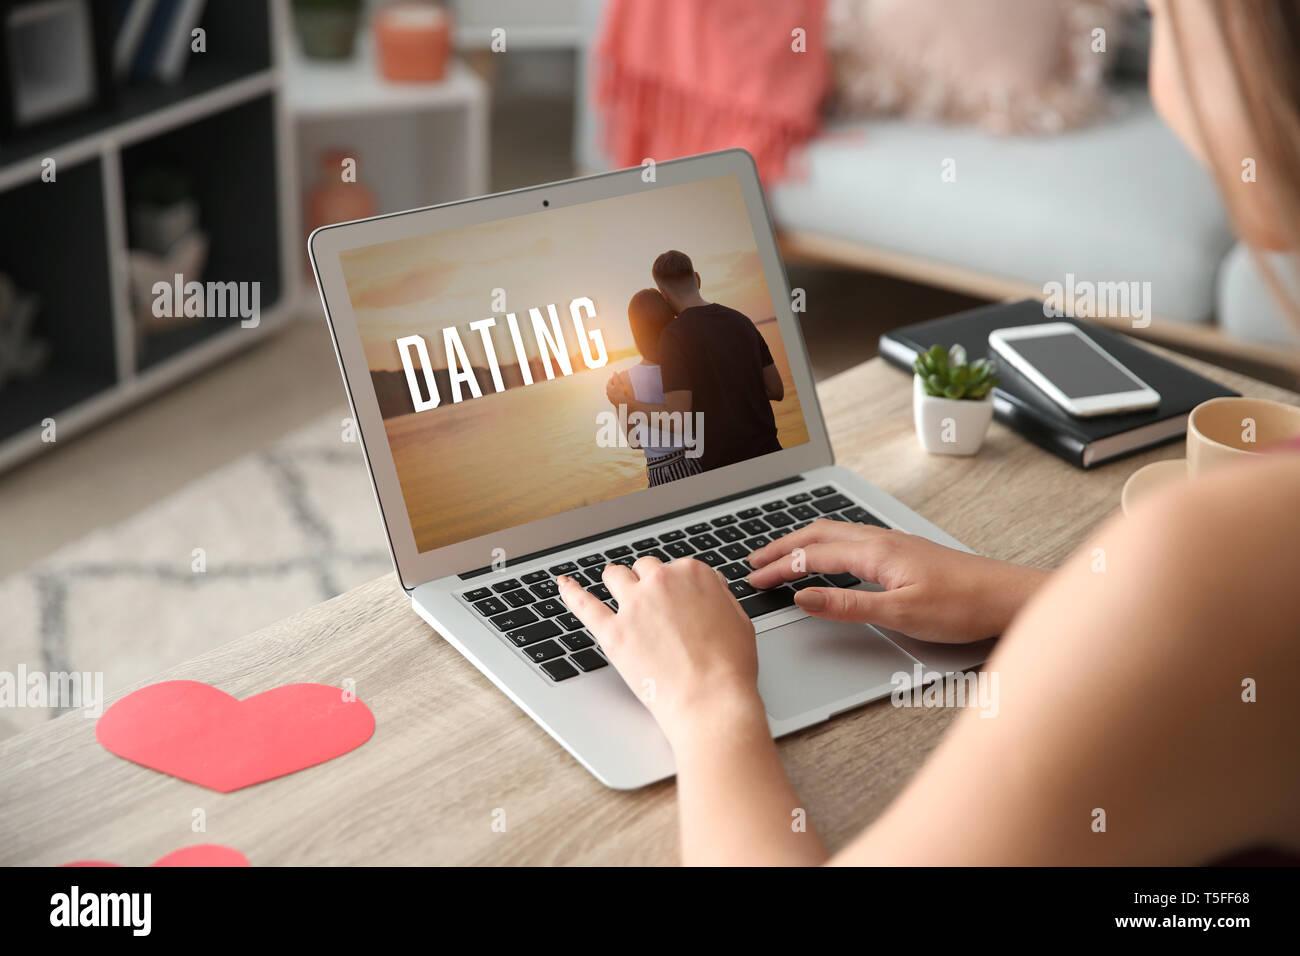 tarda notte dating online come rispondere alle domande di incontri online